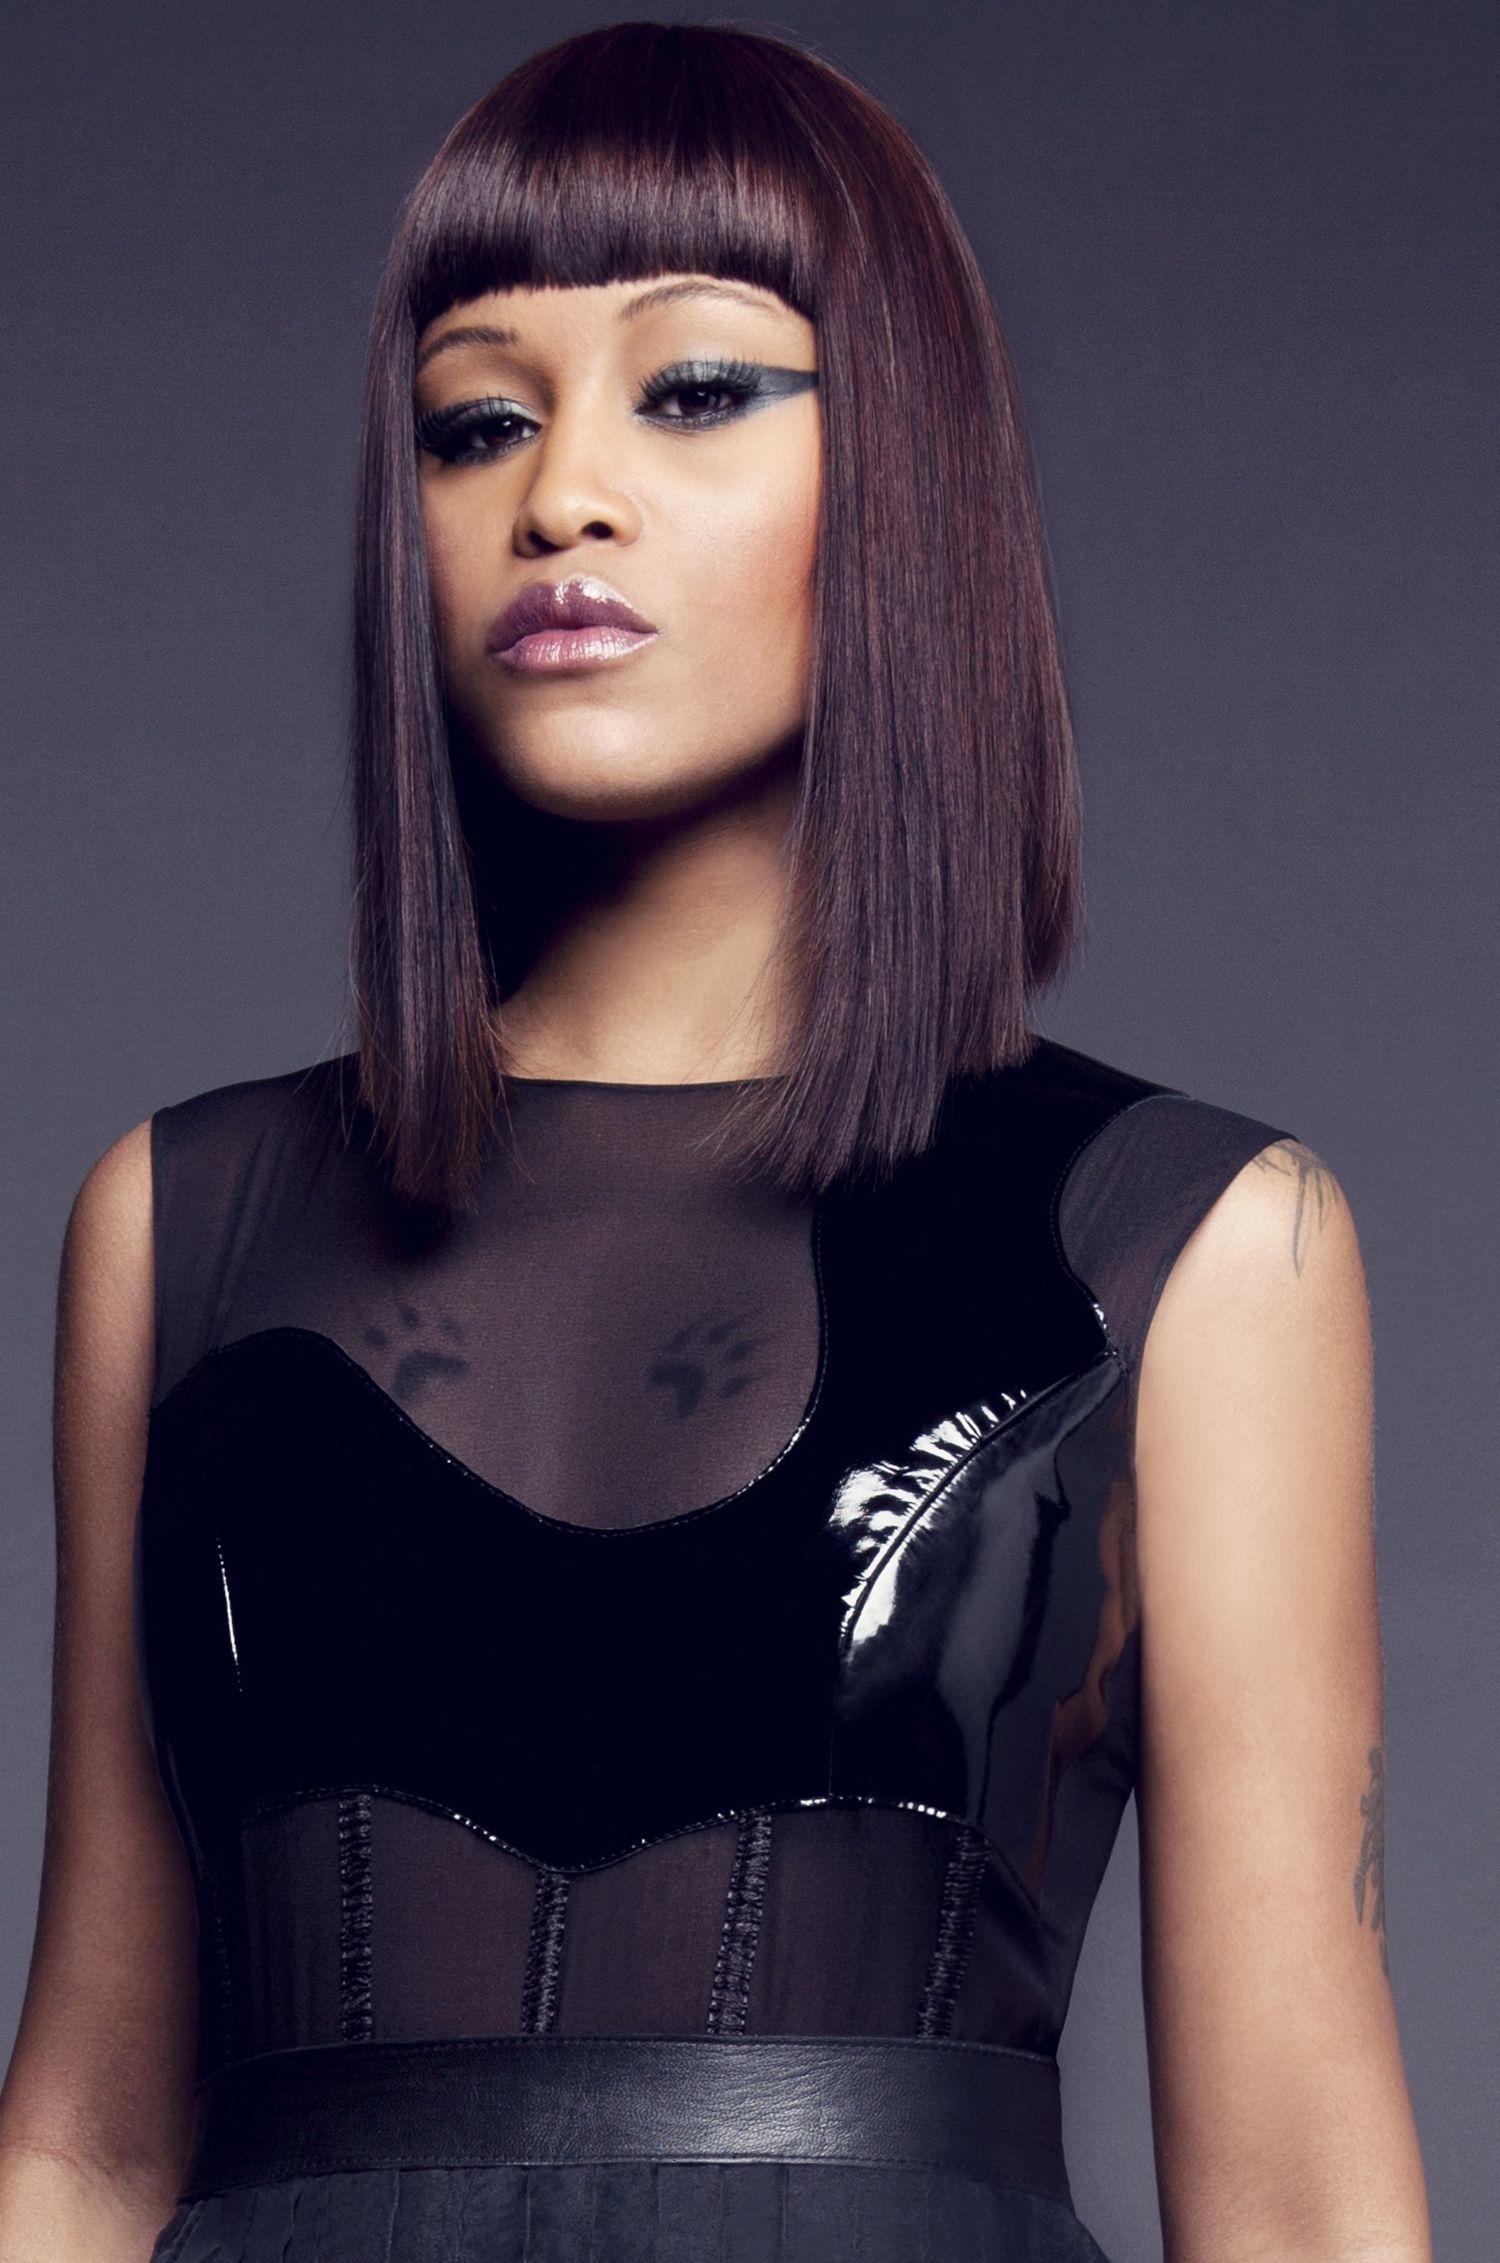 foto Eve (rapper)